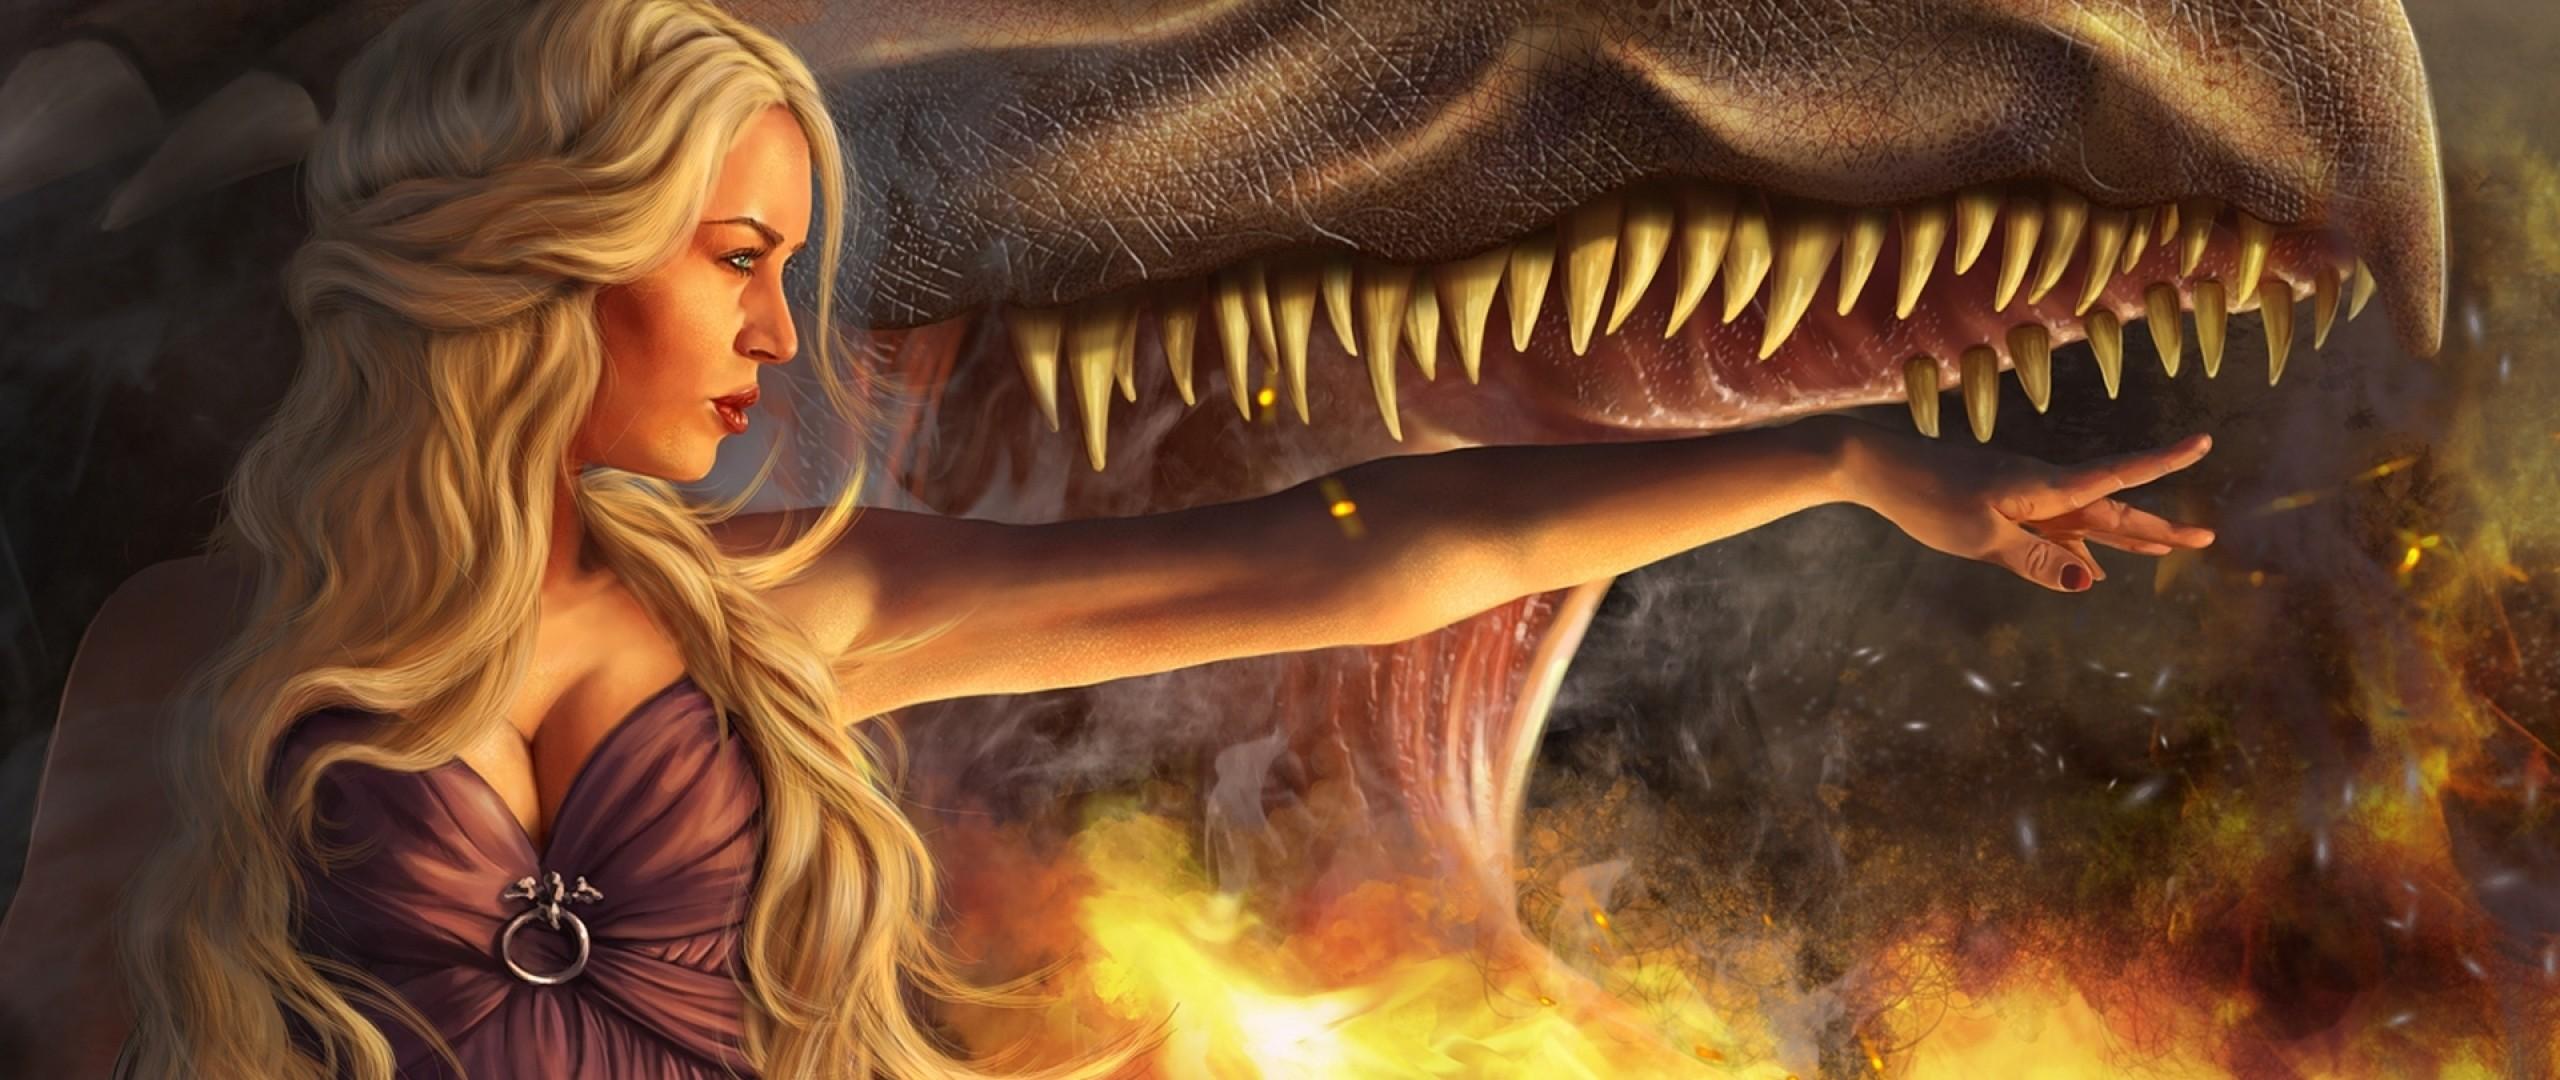 Preview wallpaper game of thrones, daenerys targaryen, girl, blonde,  dragon, jaws